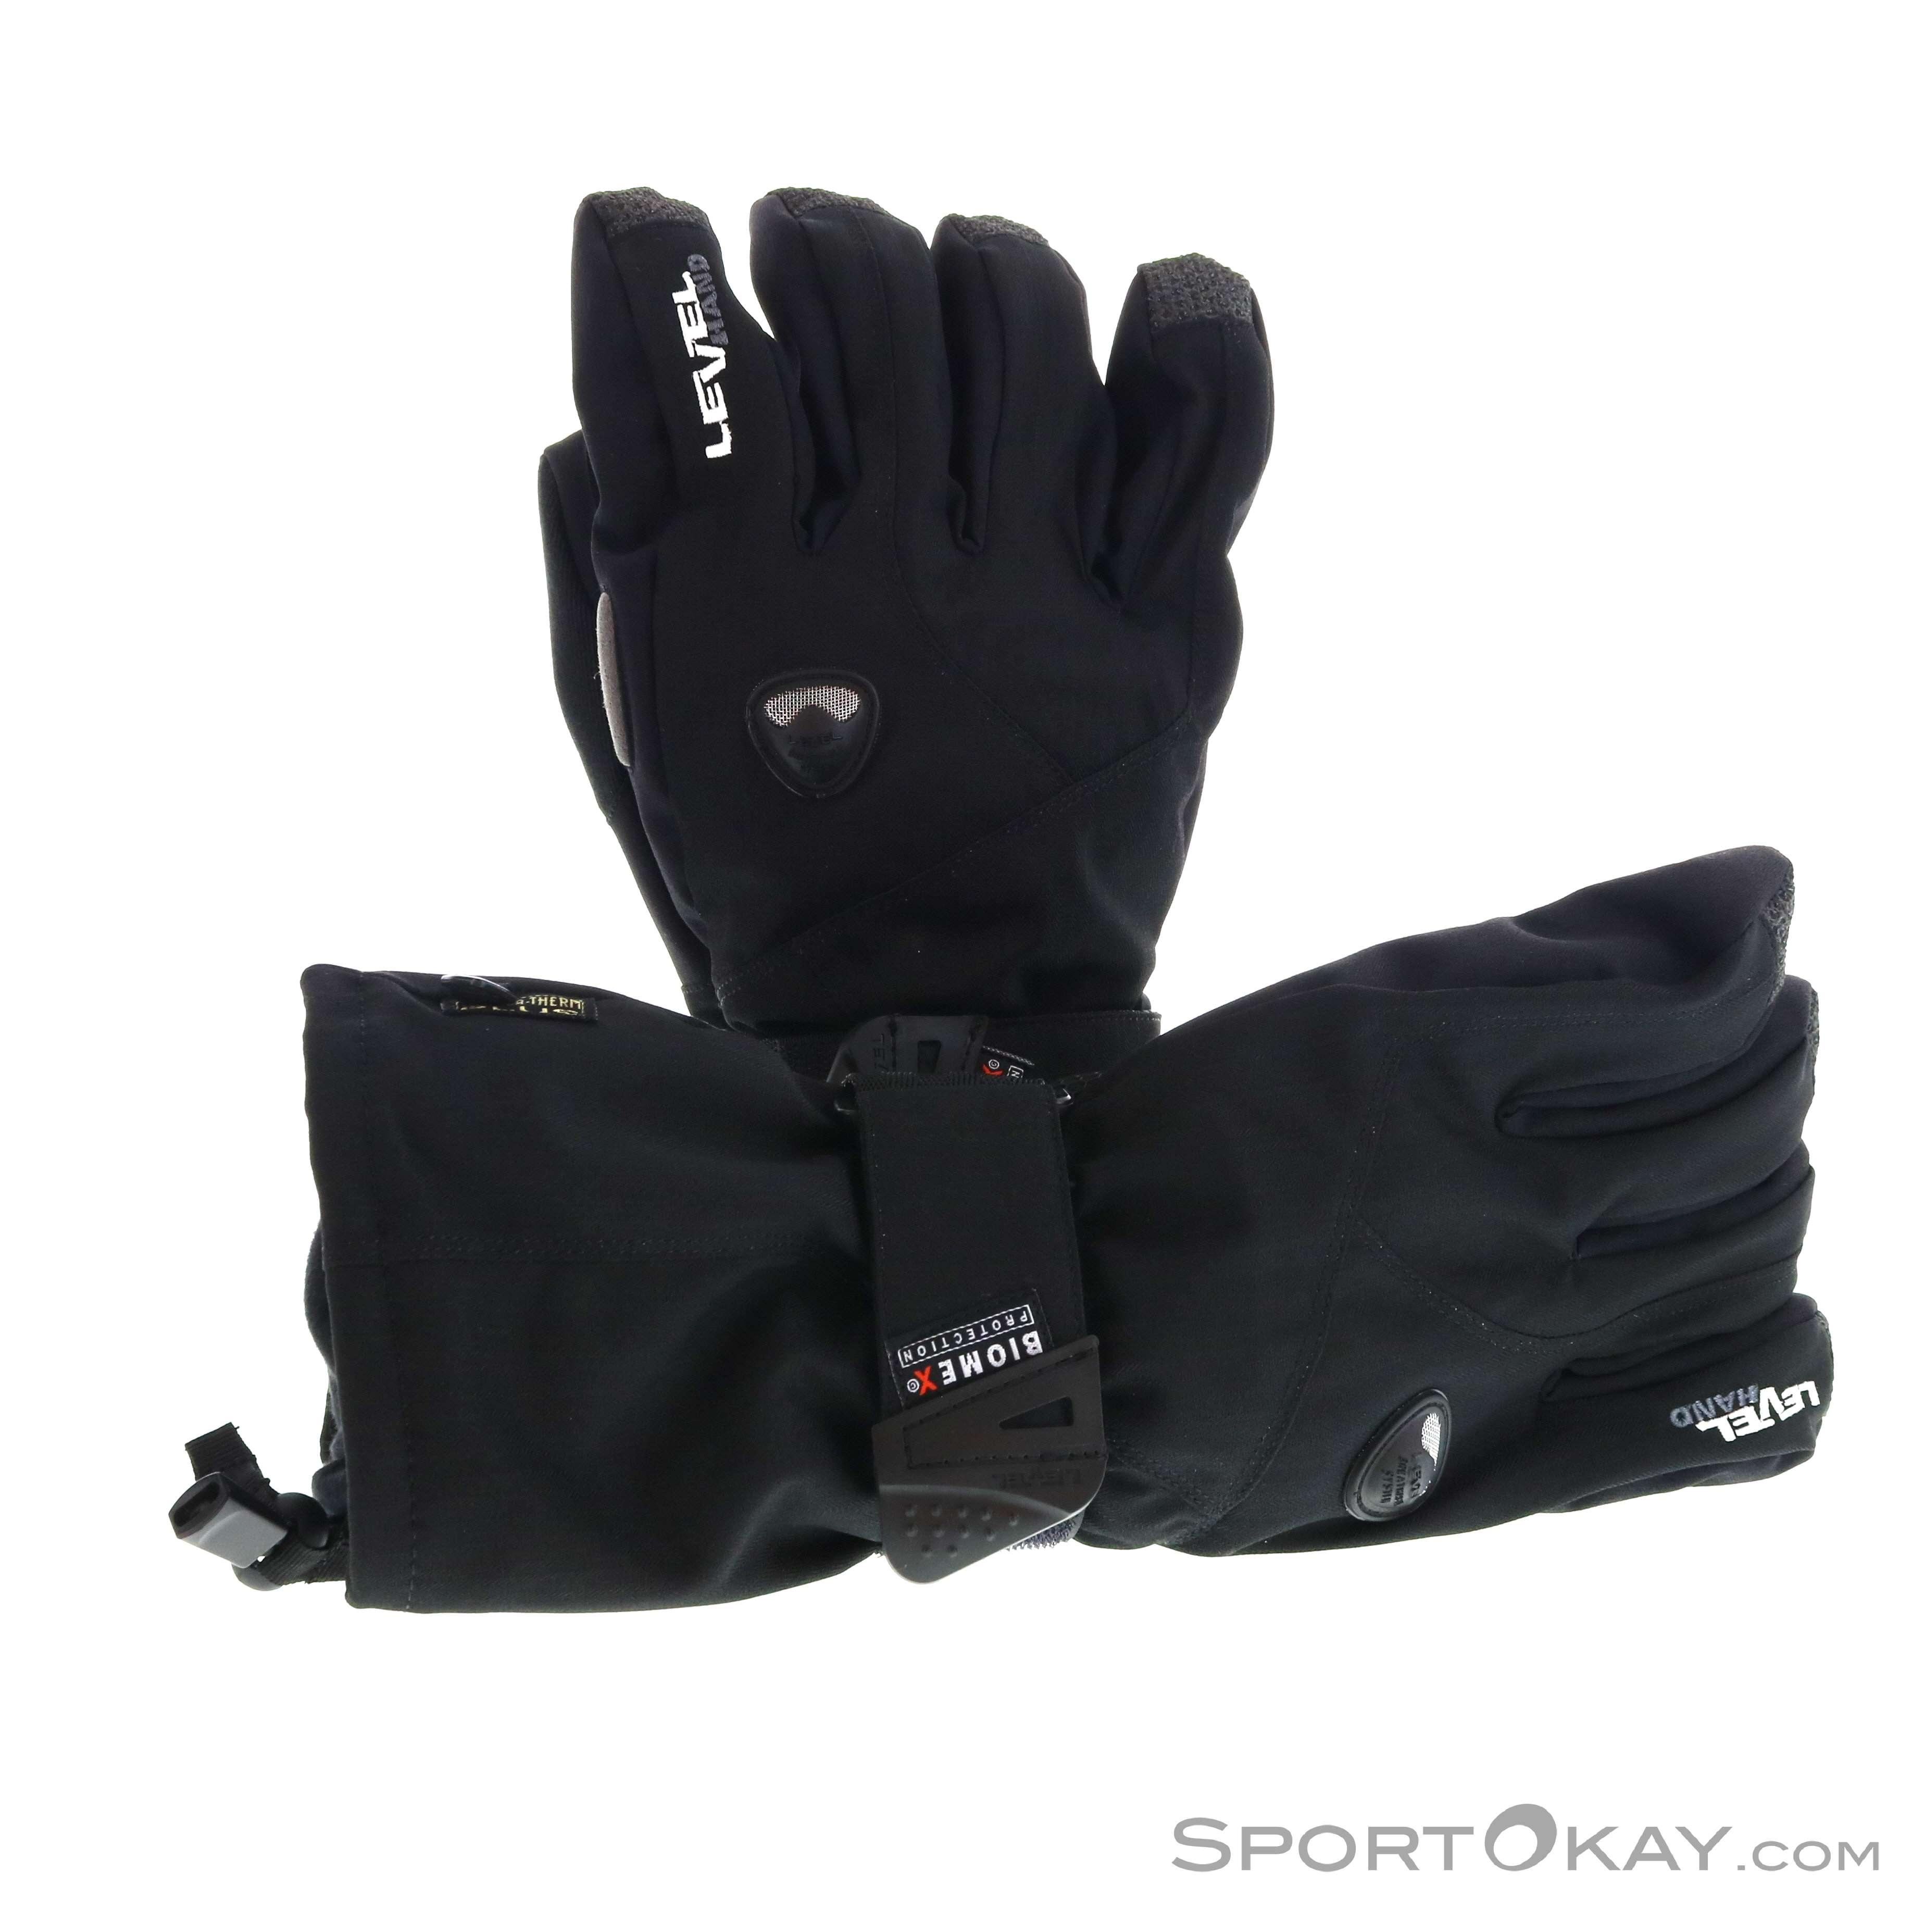 Level Fly Glove Handschuhe-Schwarz-7